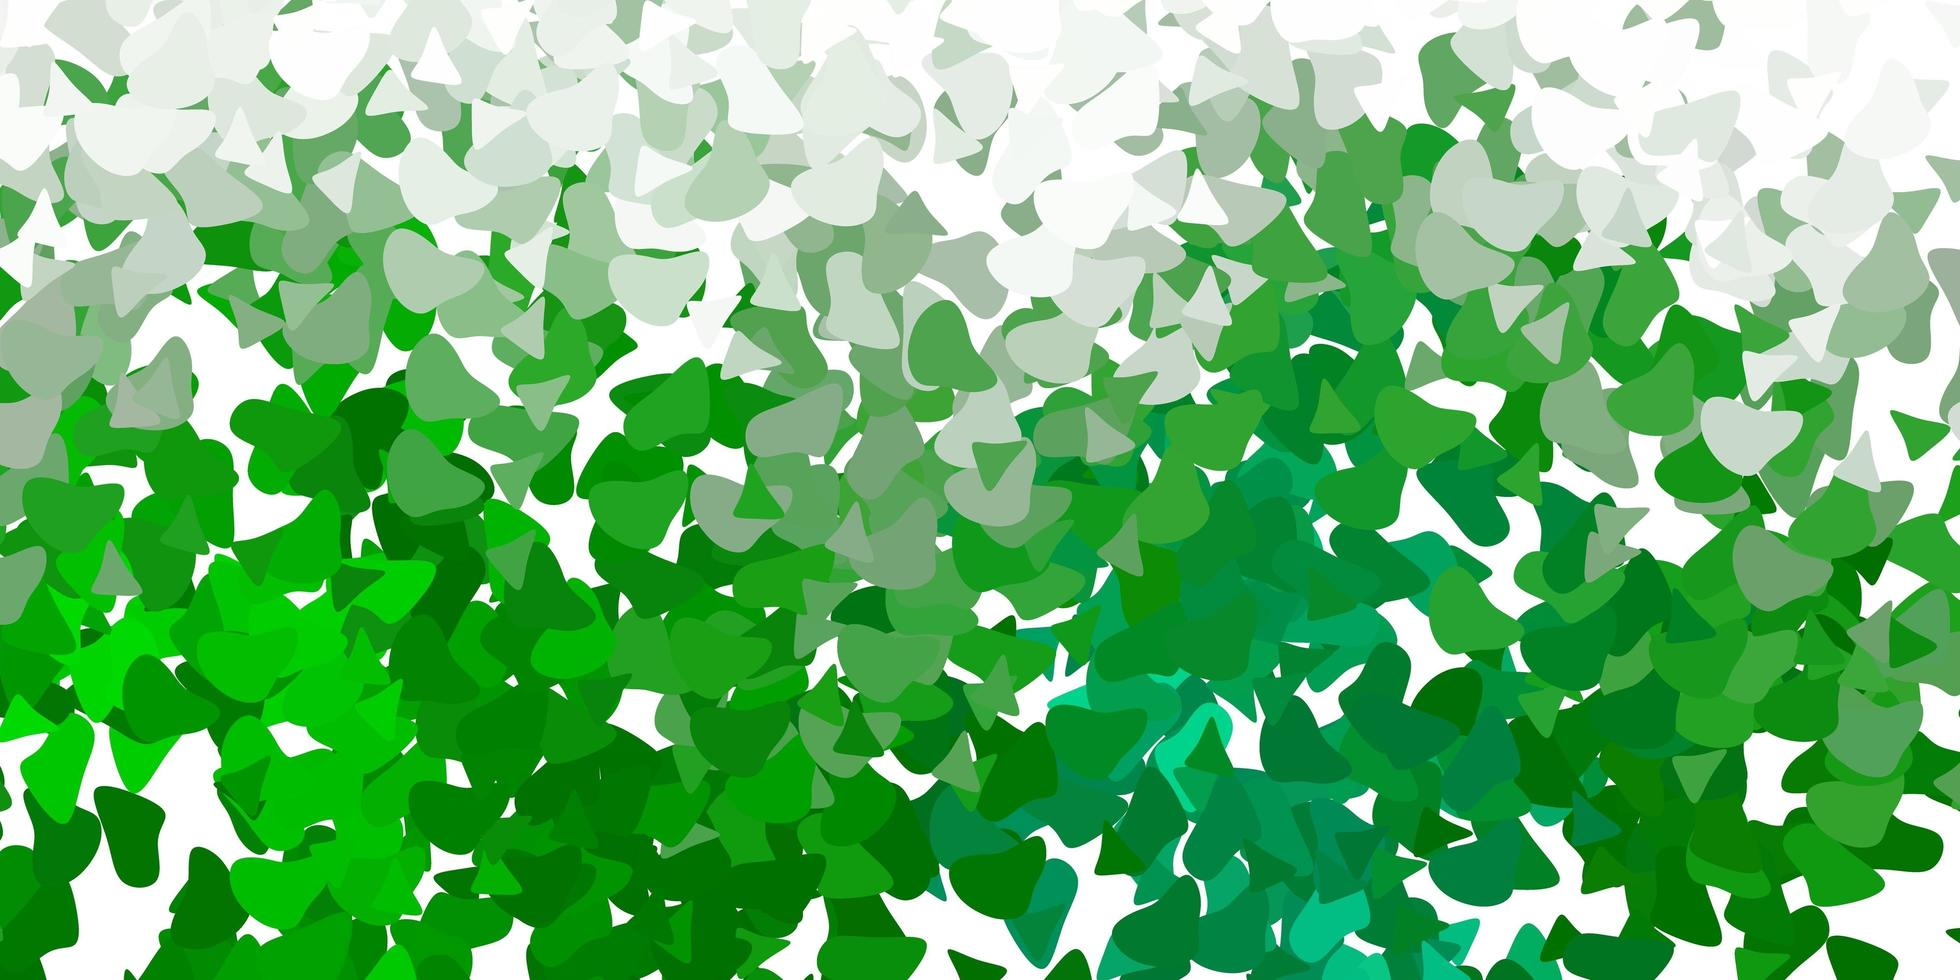 ljusgrön vektorbakgrund med kaotiska former vektor